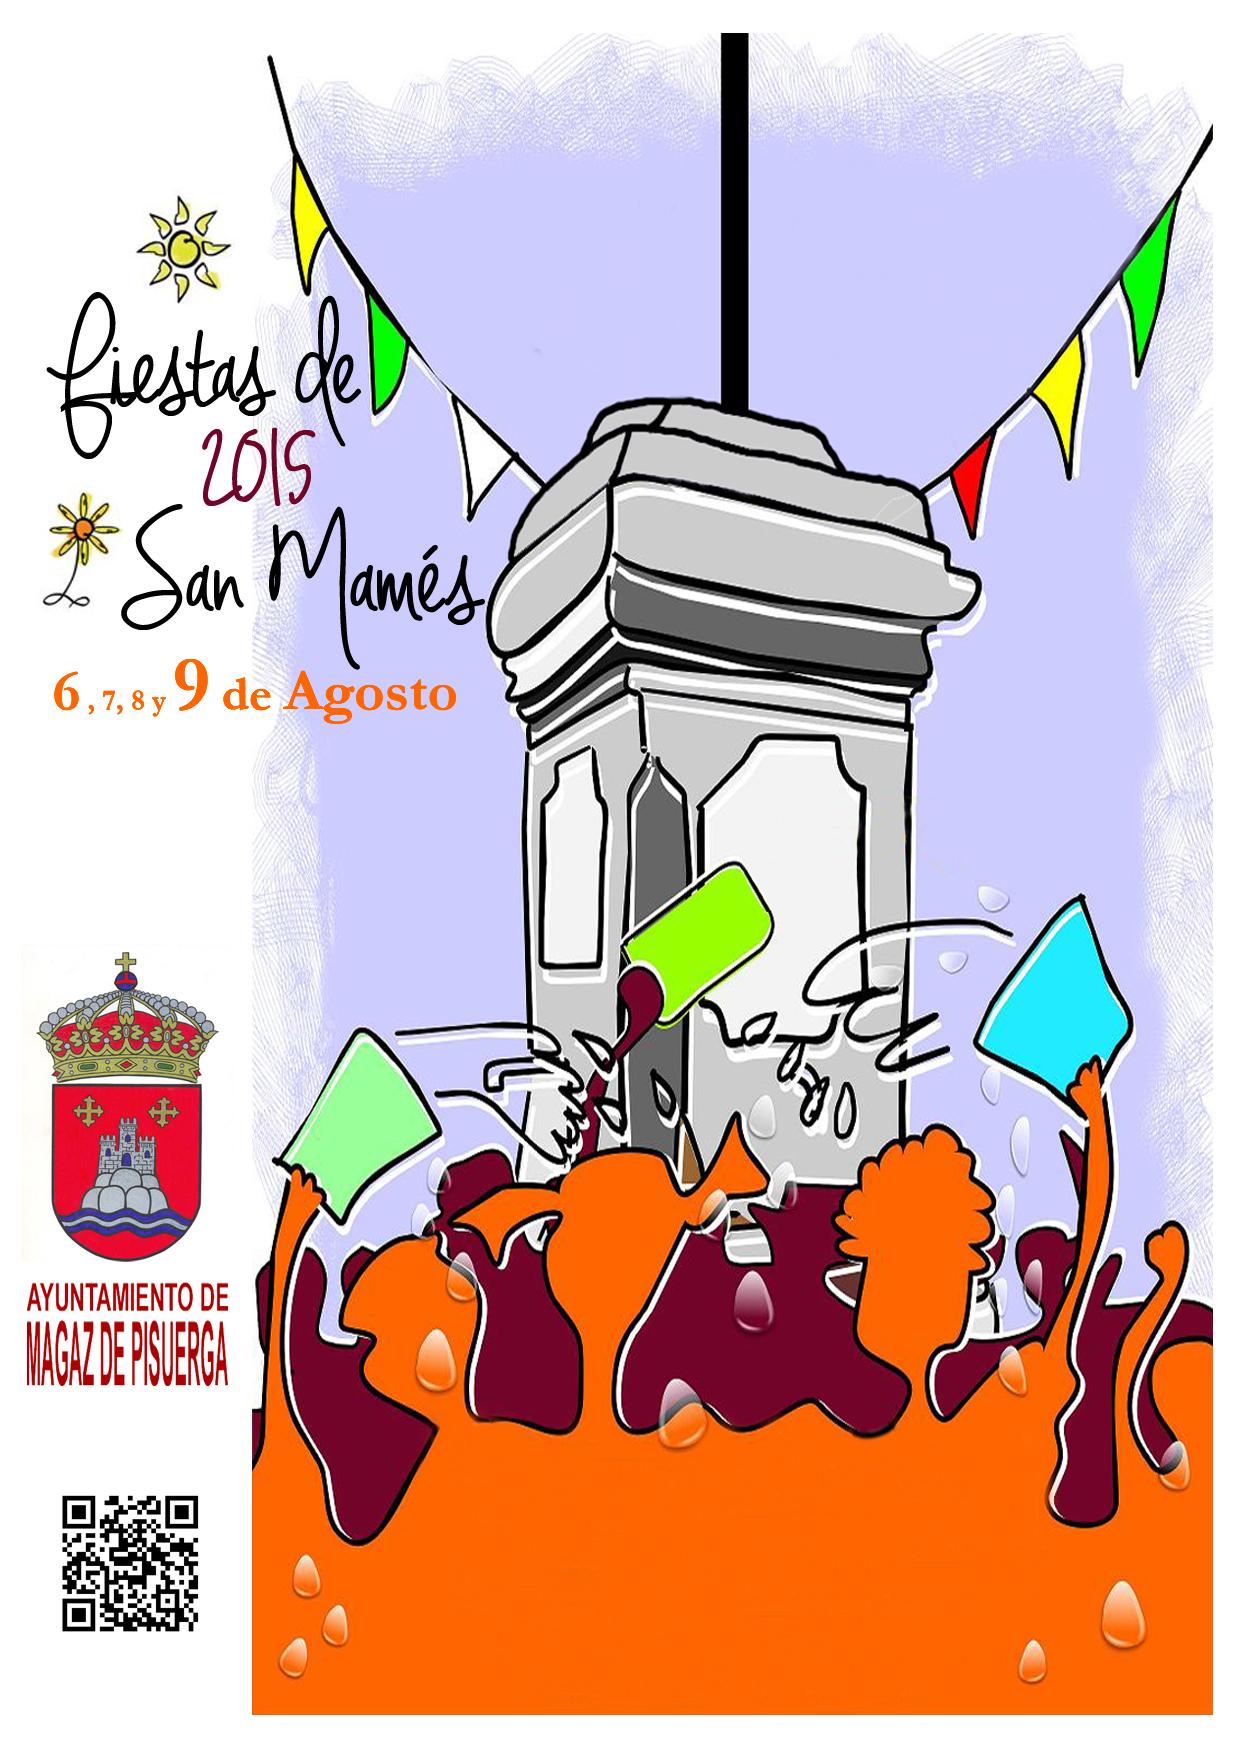 Programa de fiestas «San Mamés 2015»